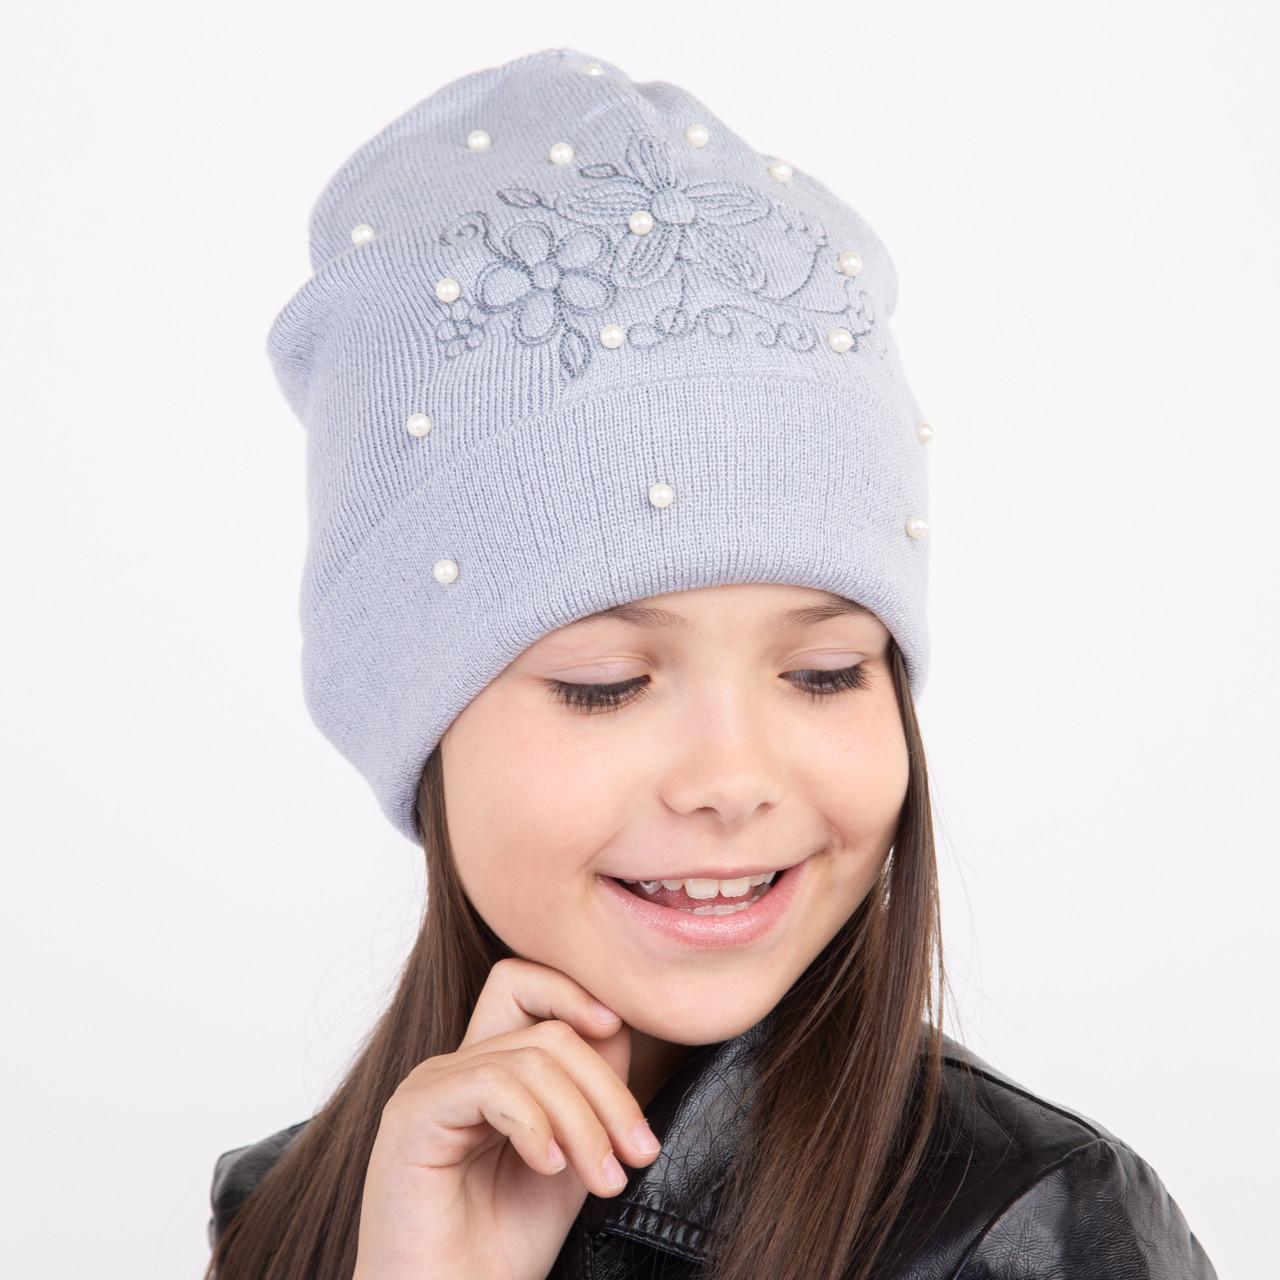 Модная осенняя шапка для девочки - Арт 1994